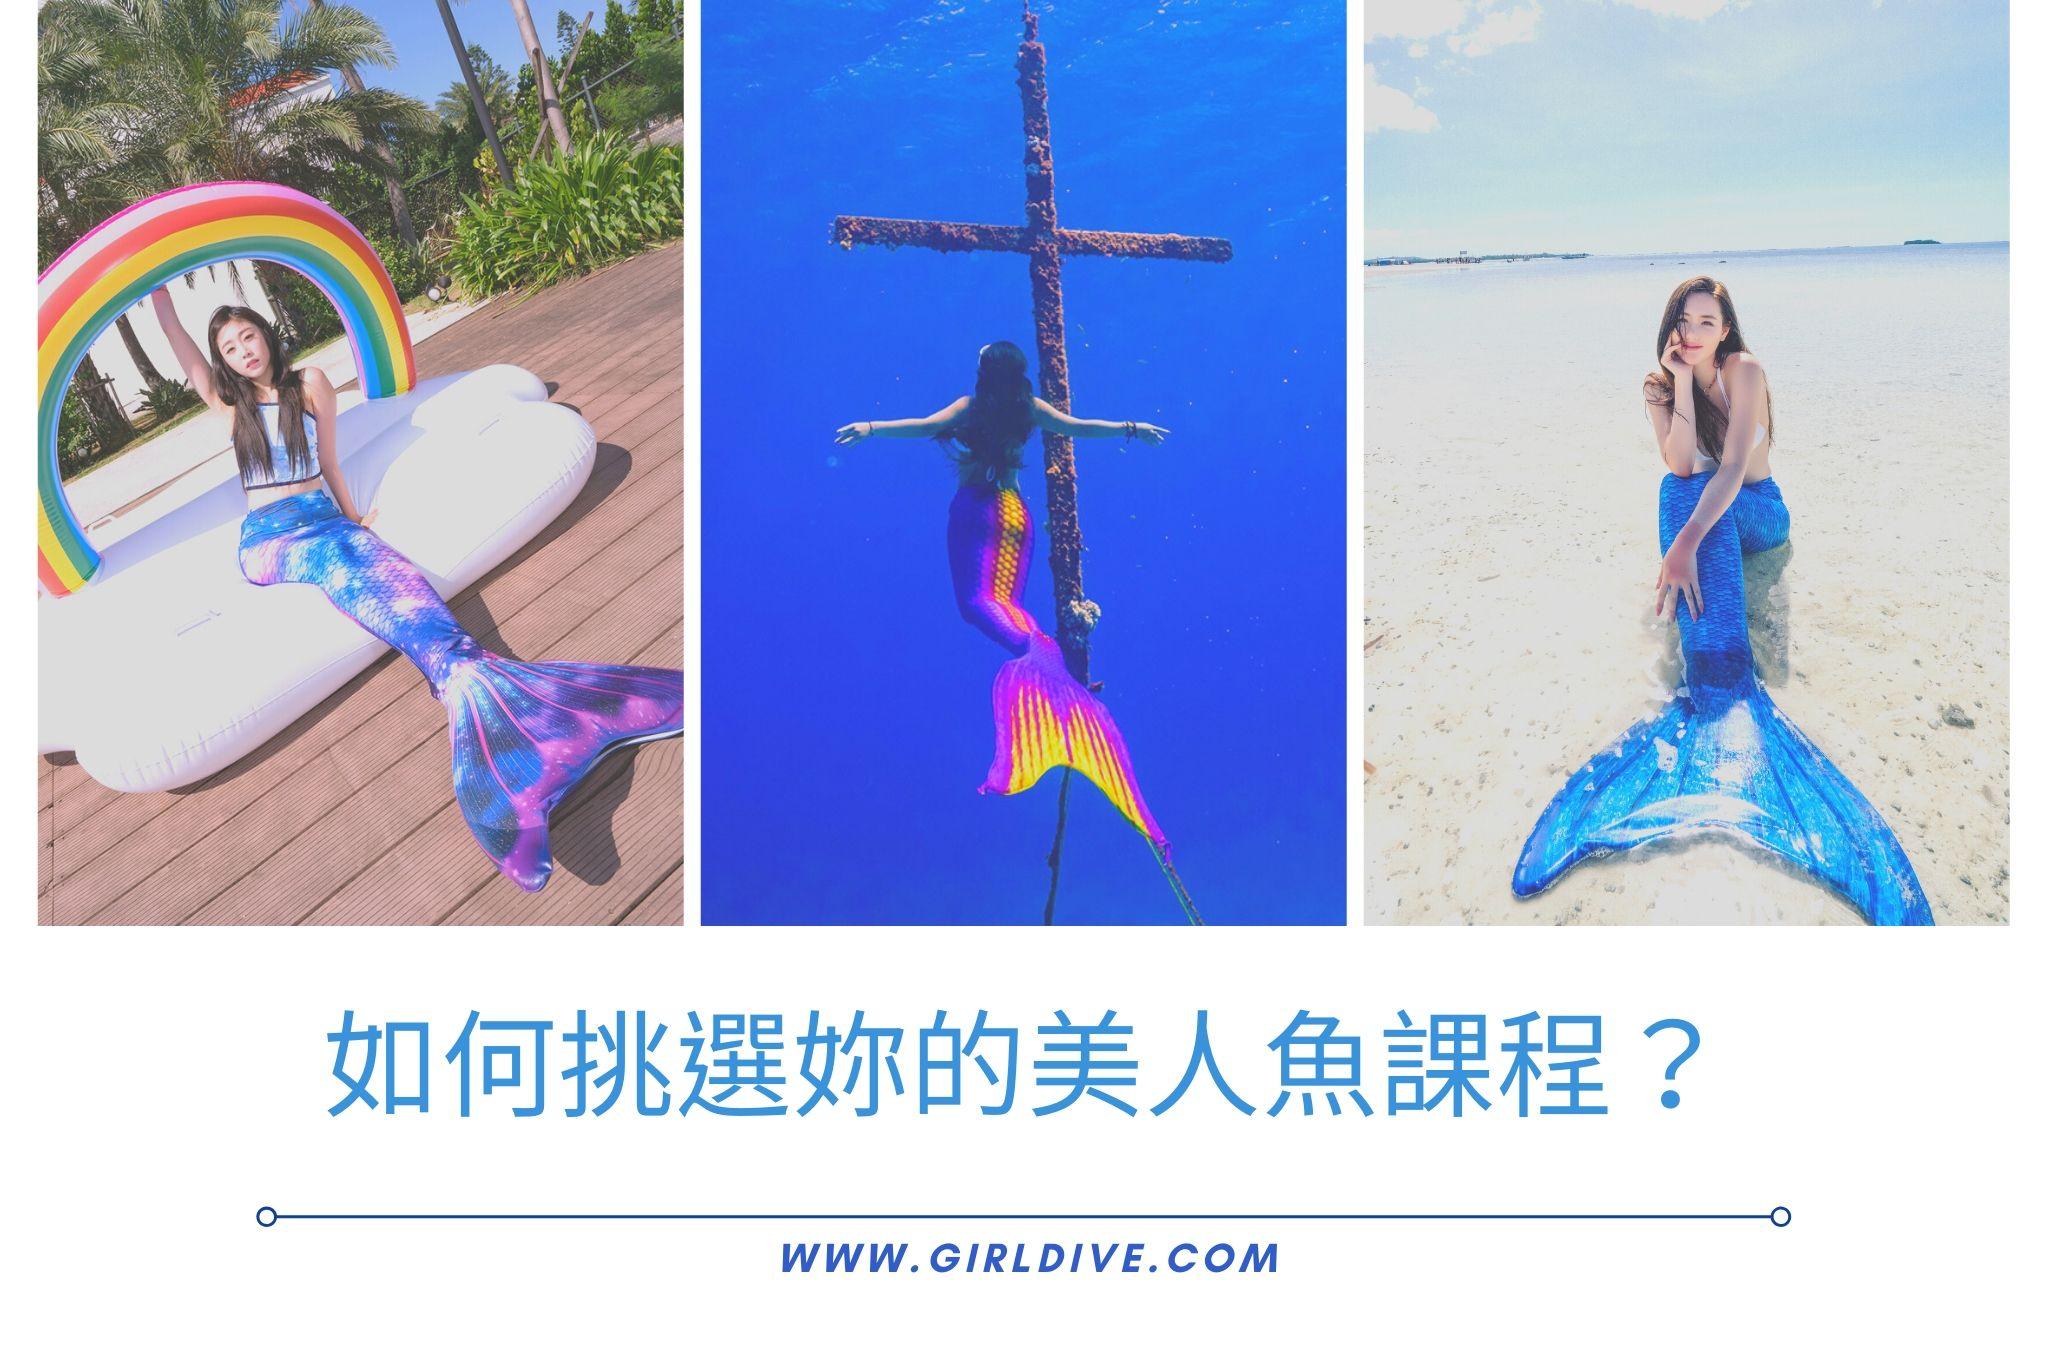 墾丁美人魚,墾丁自由潛水,自由潛水體驗,美人魚體驗,墾丁景點,墾丁網美